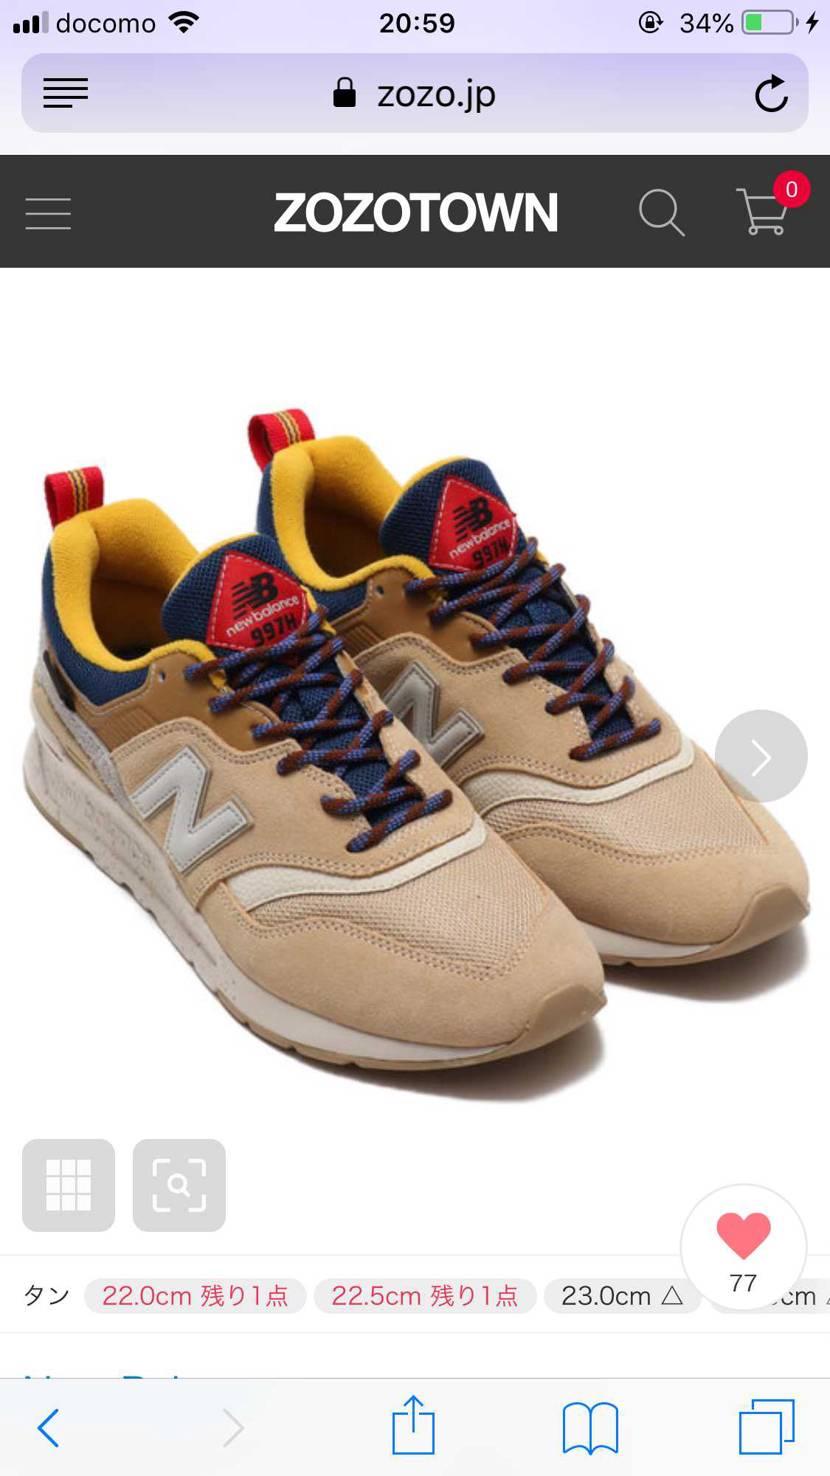 秋っぽい靴を見かけたので欲しくなる 登山靴みたいなカラーリングで古着やミリタリ